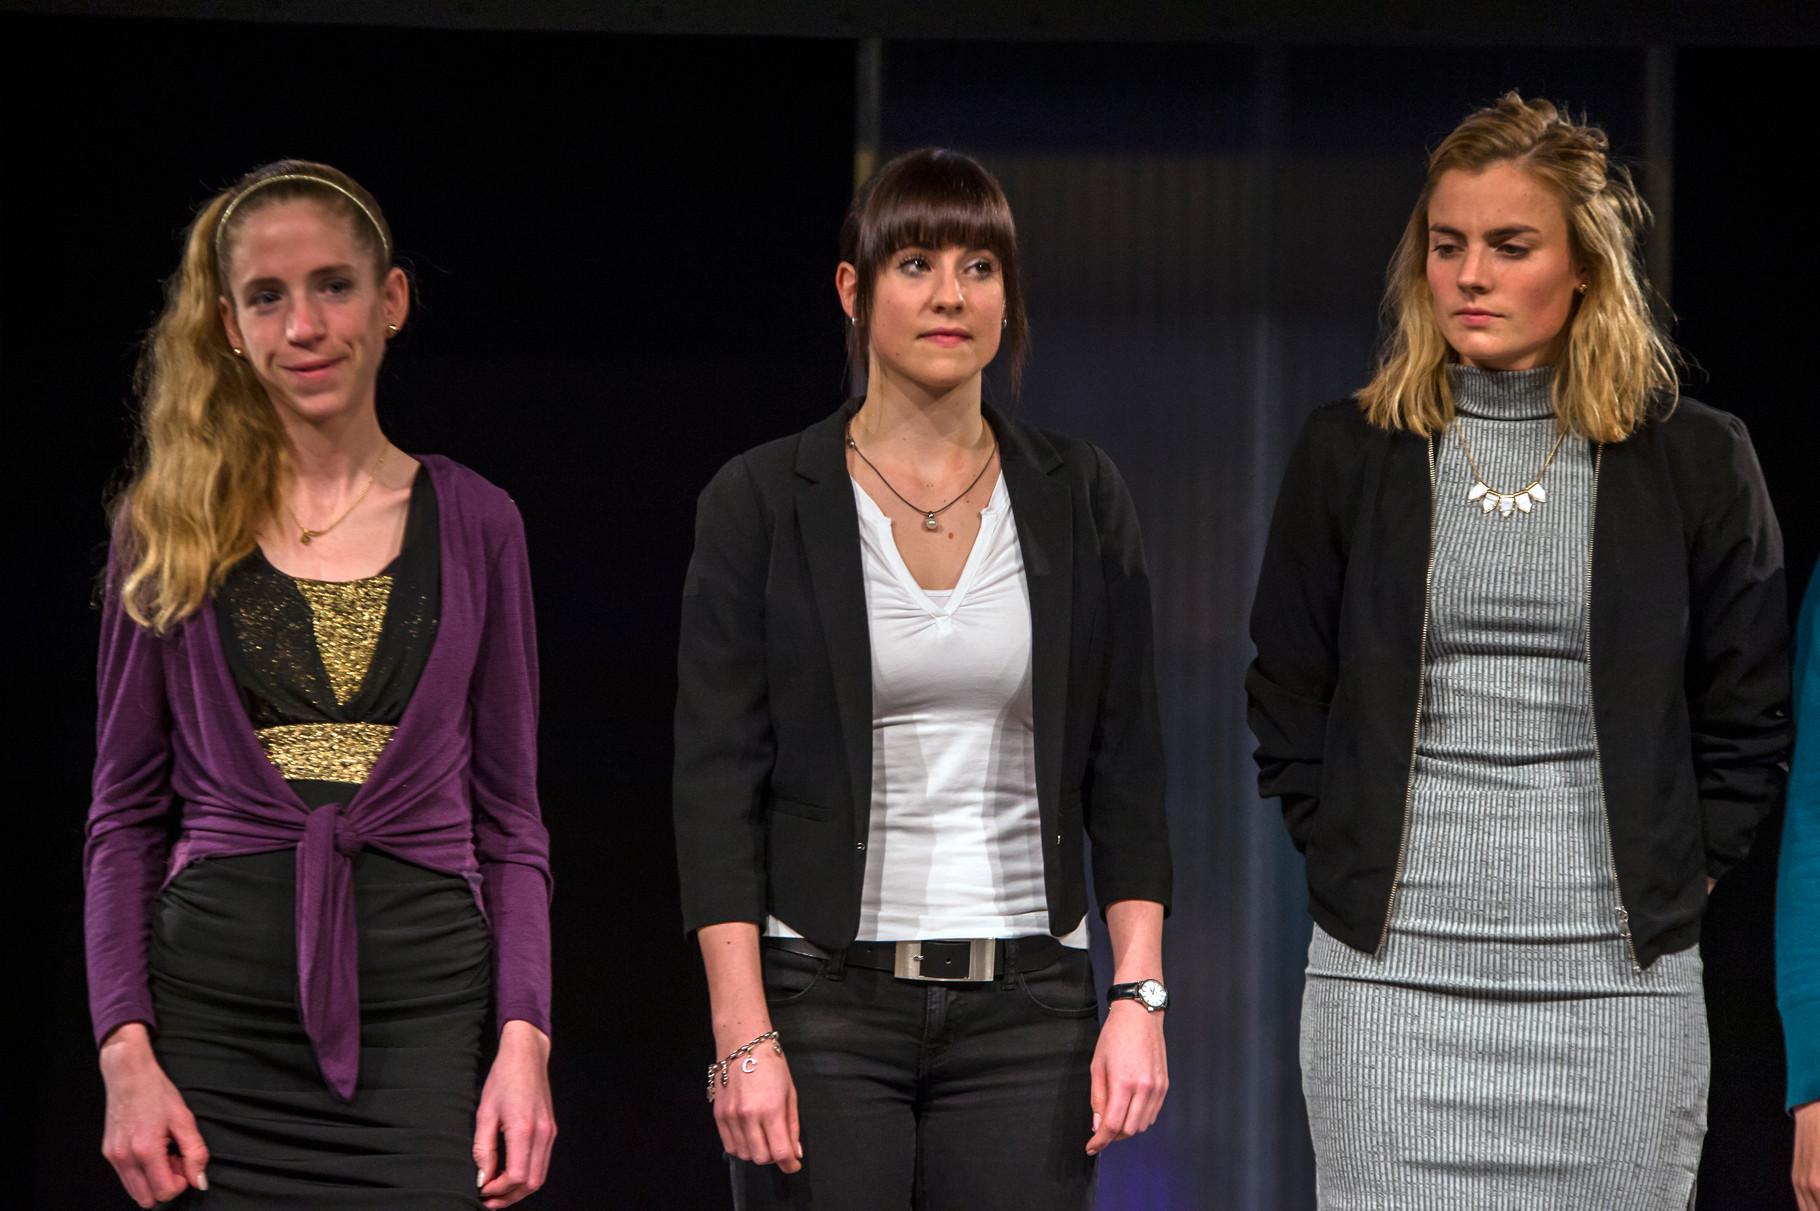 Die 3 ersten der Kategorie Frauen Elite